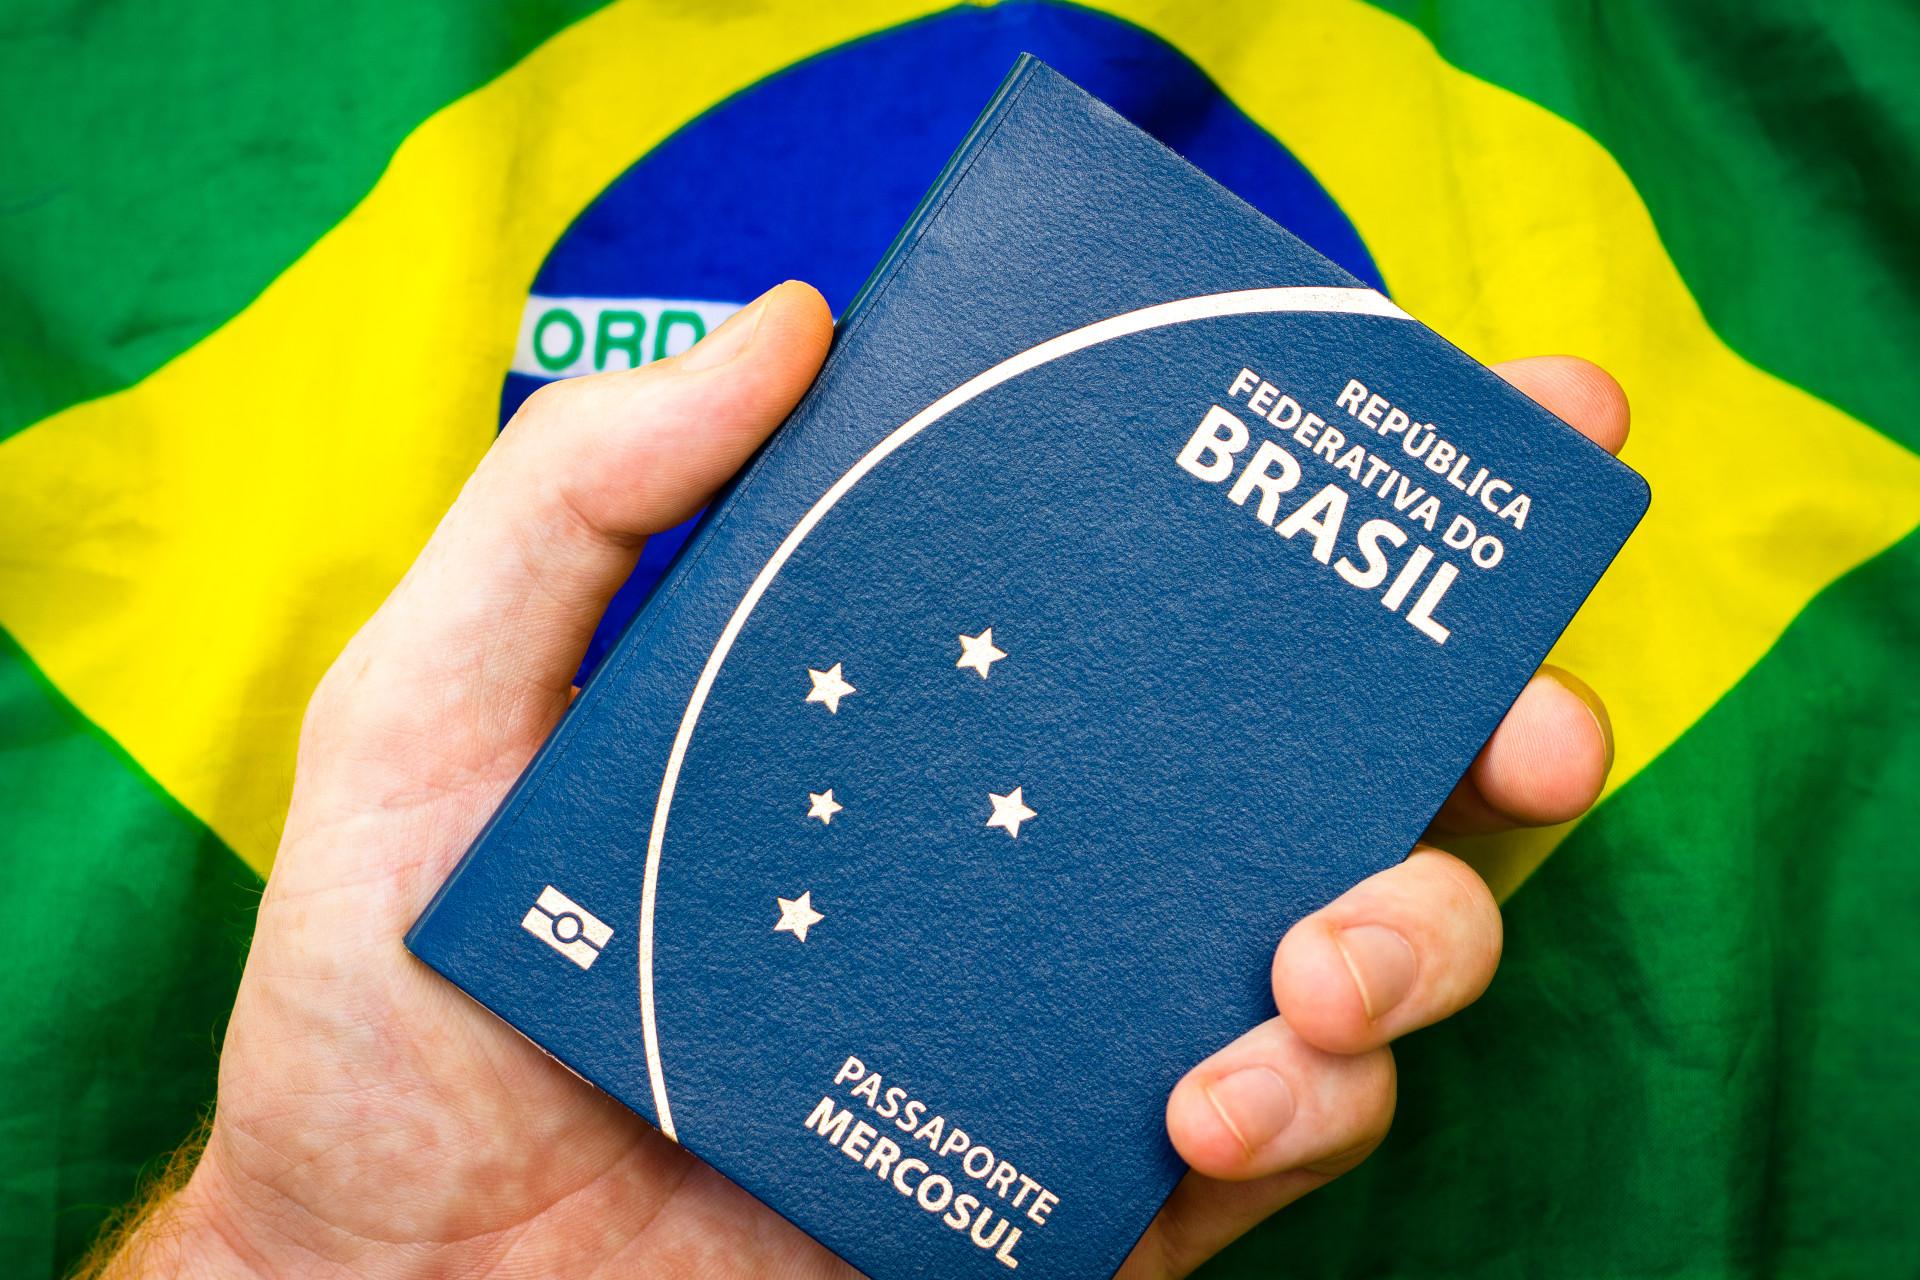 Brasil entra na lista dos passaportes mais poderosos do mundo!